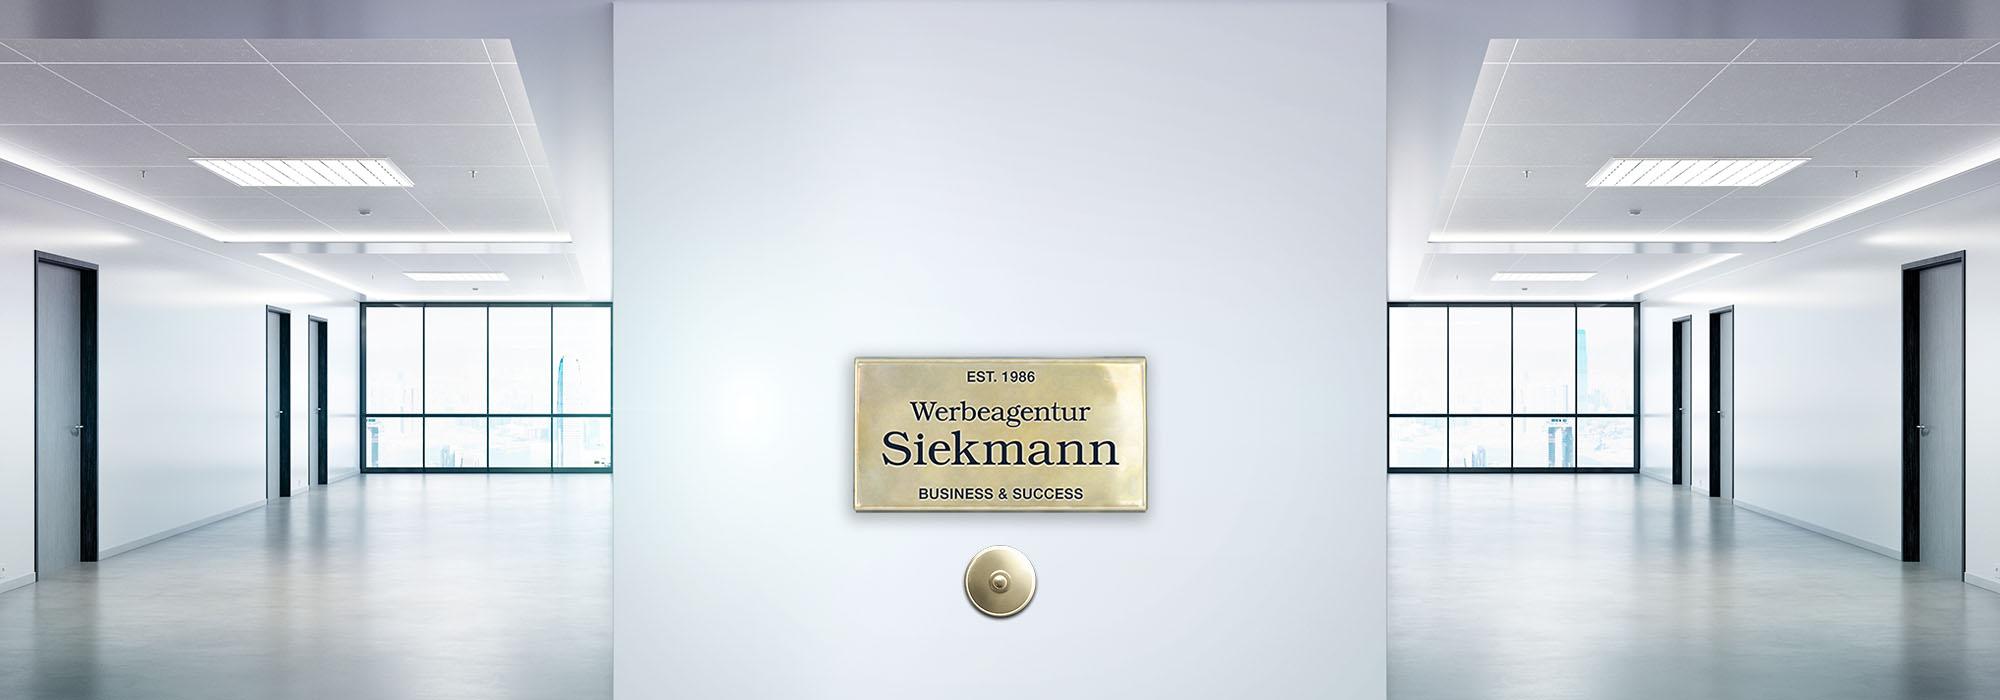 Logos | Werbeagentur Siekmann